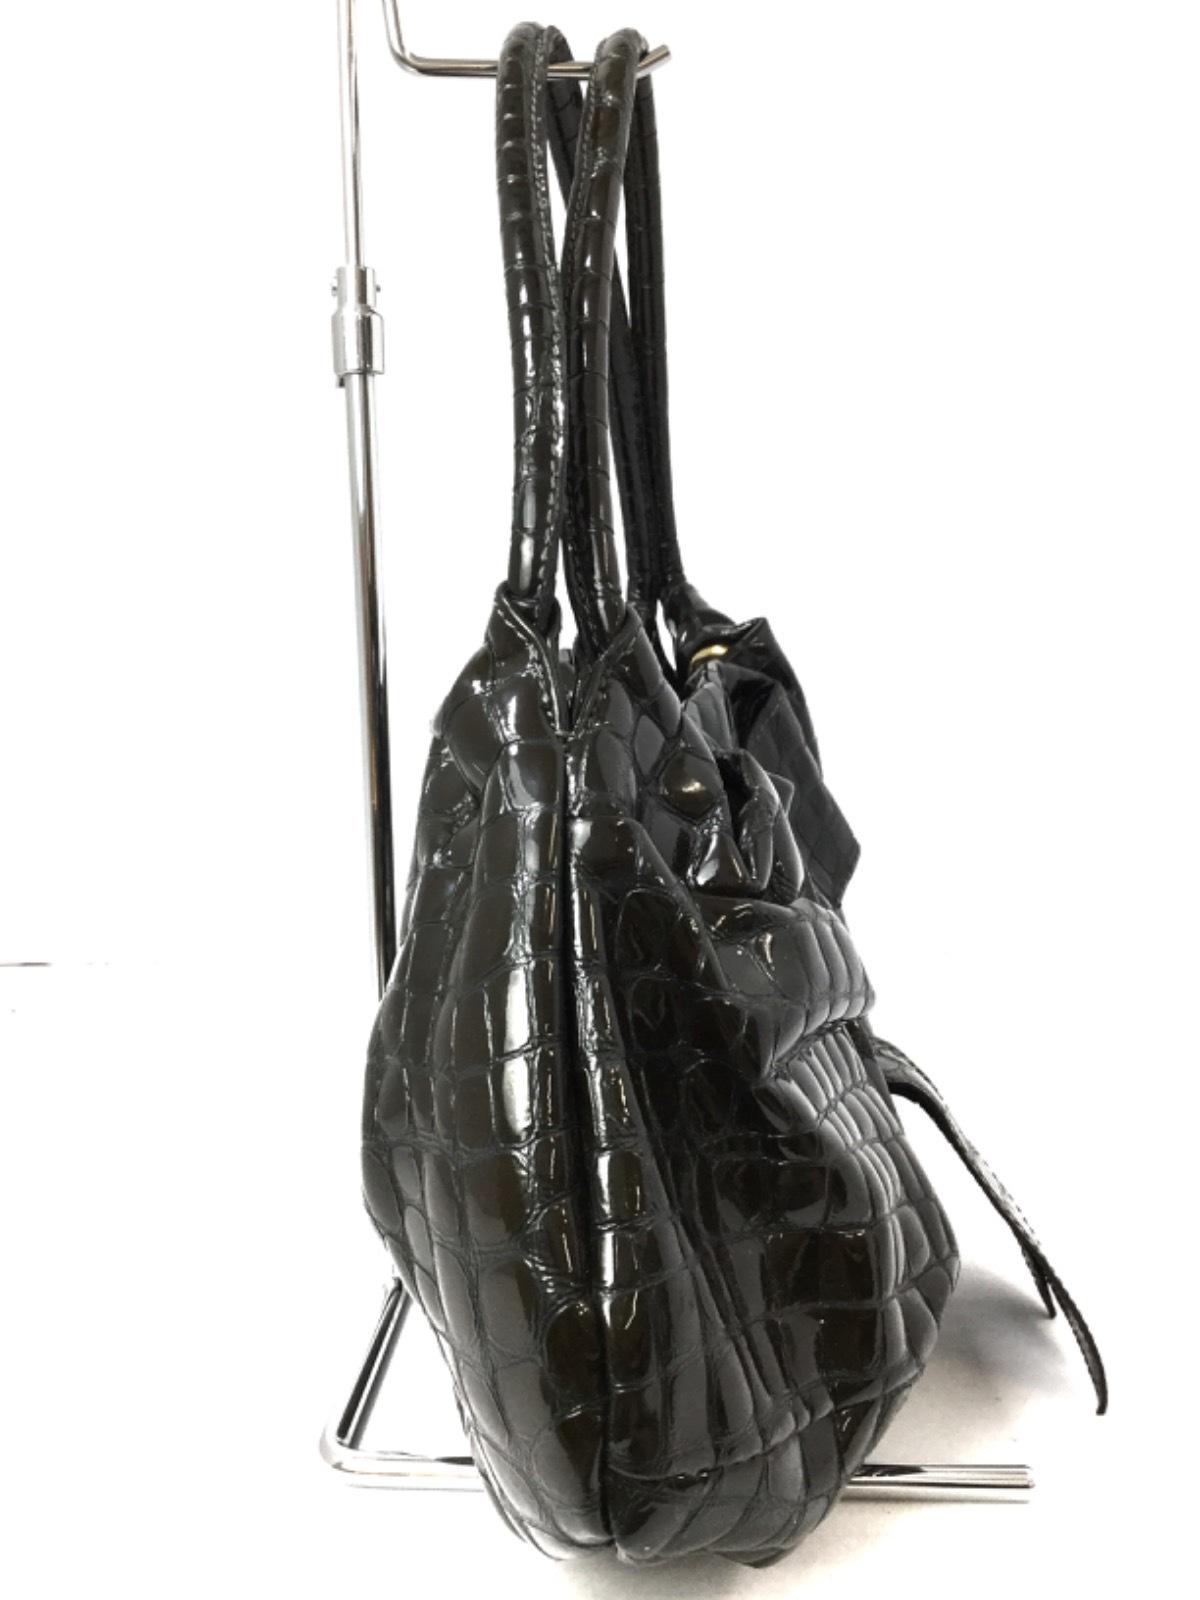 ROBERTAGANDOLFI(ロベルタガンドルフィ)のトートバッグ